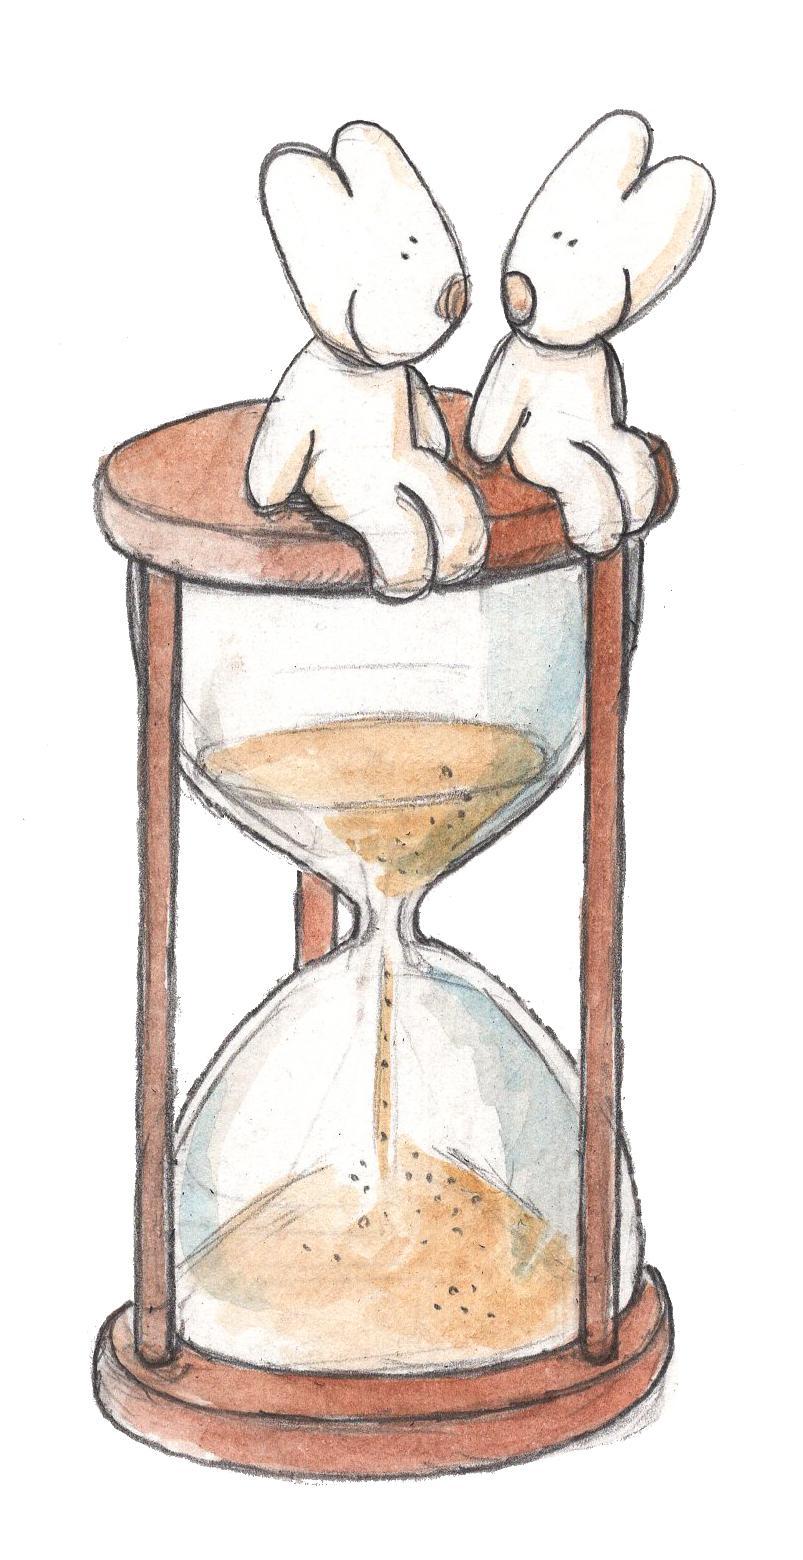 Liefde is: geduldig zijn © IDGP, cartoon getekend door Joris Snaet